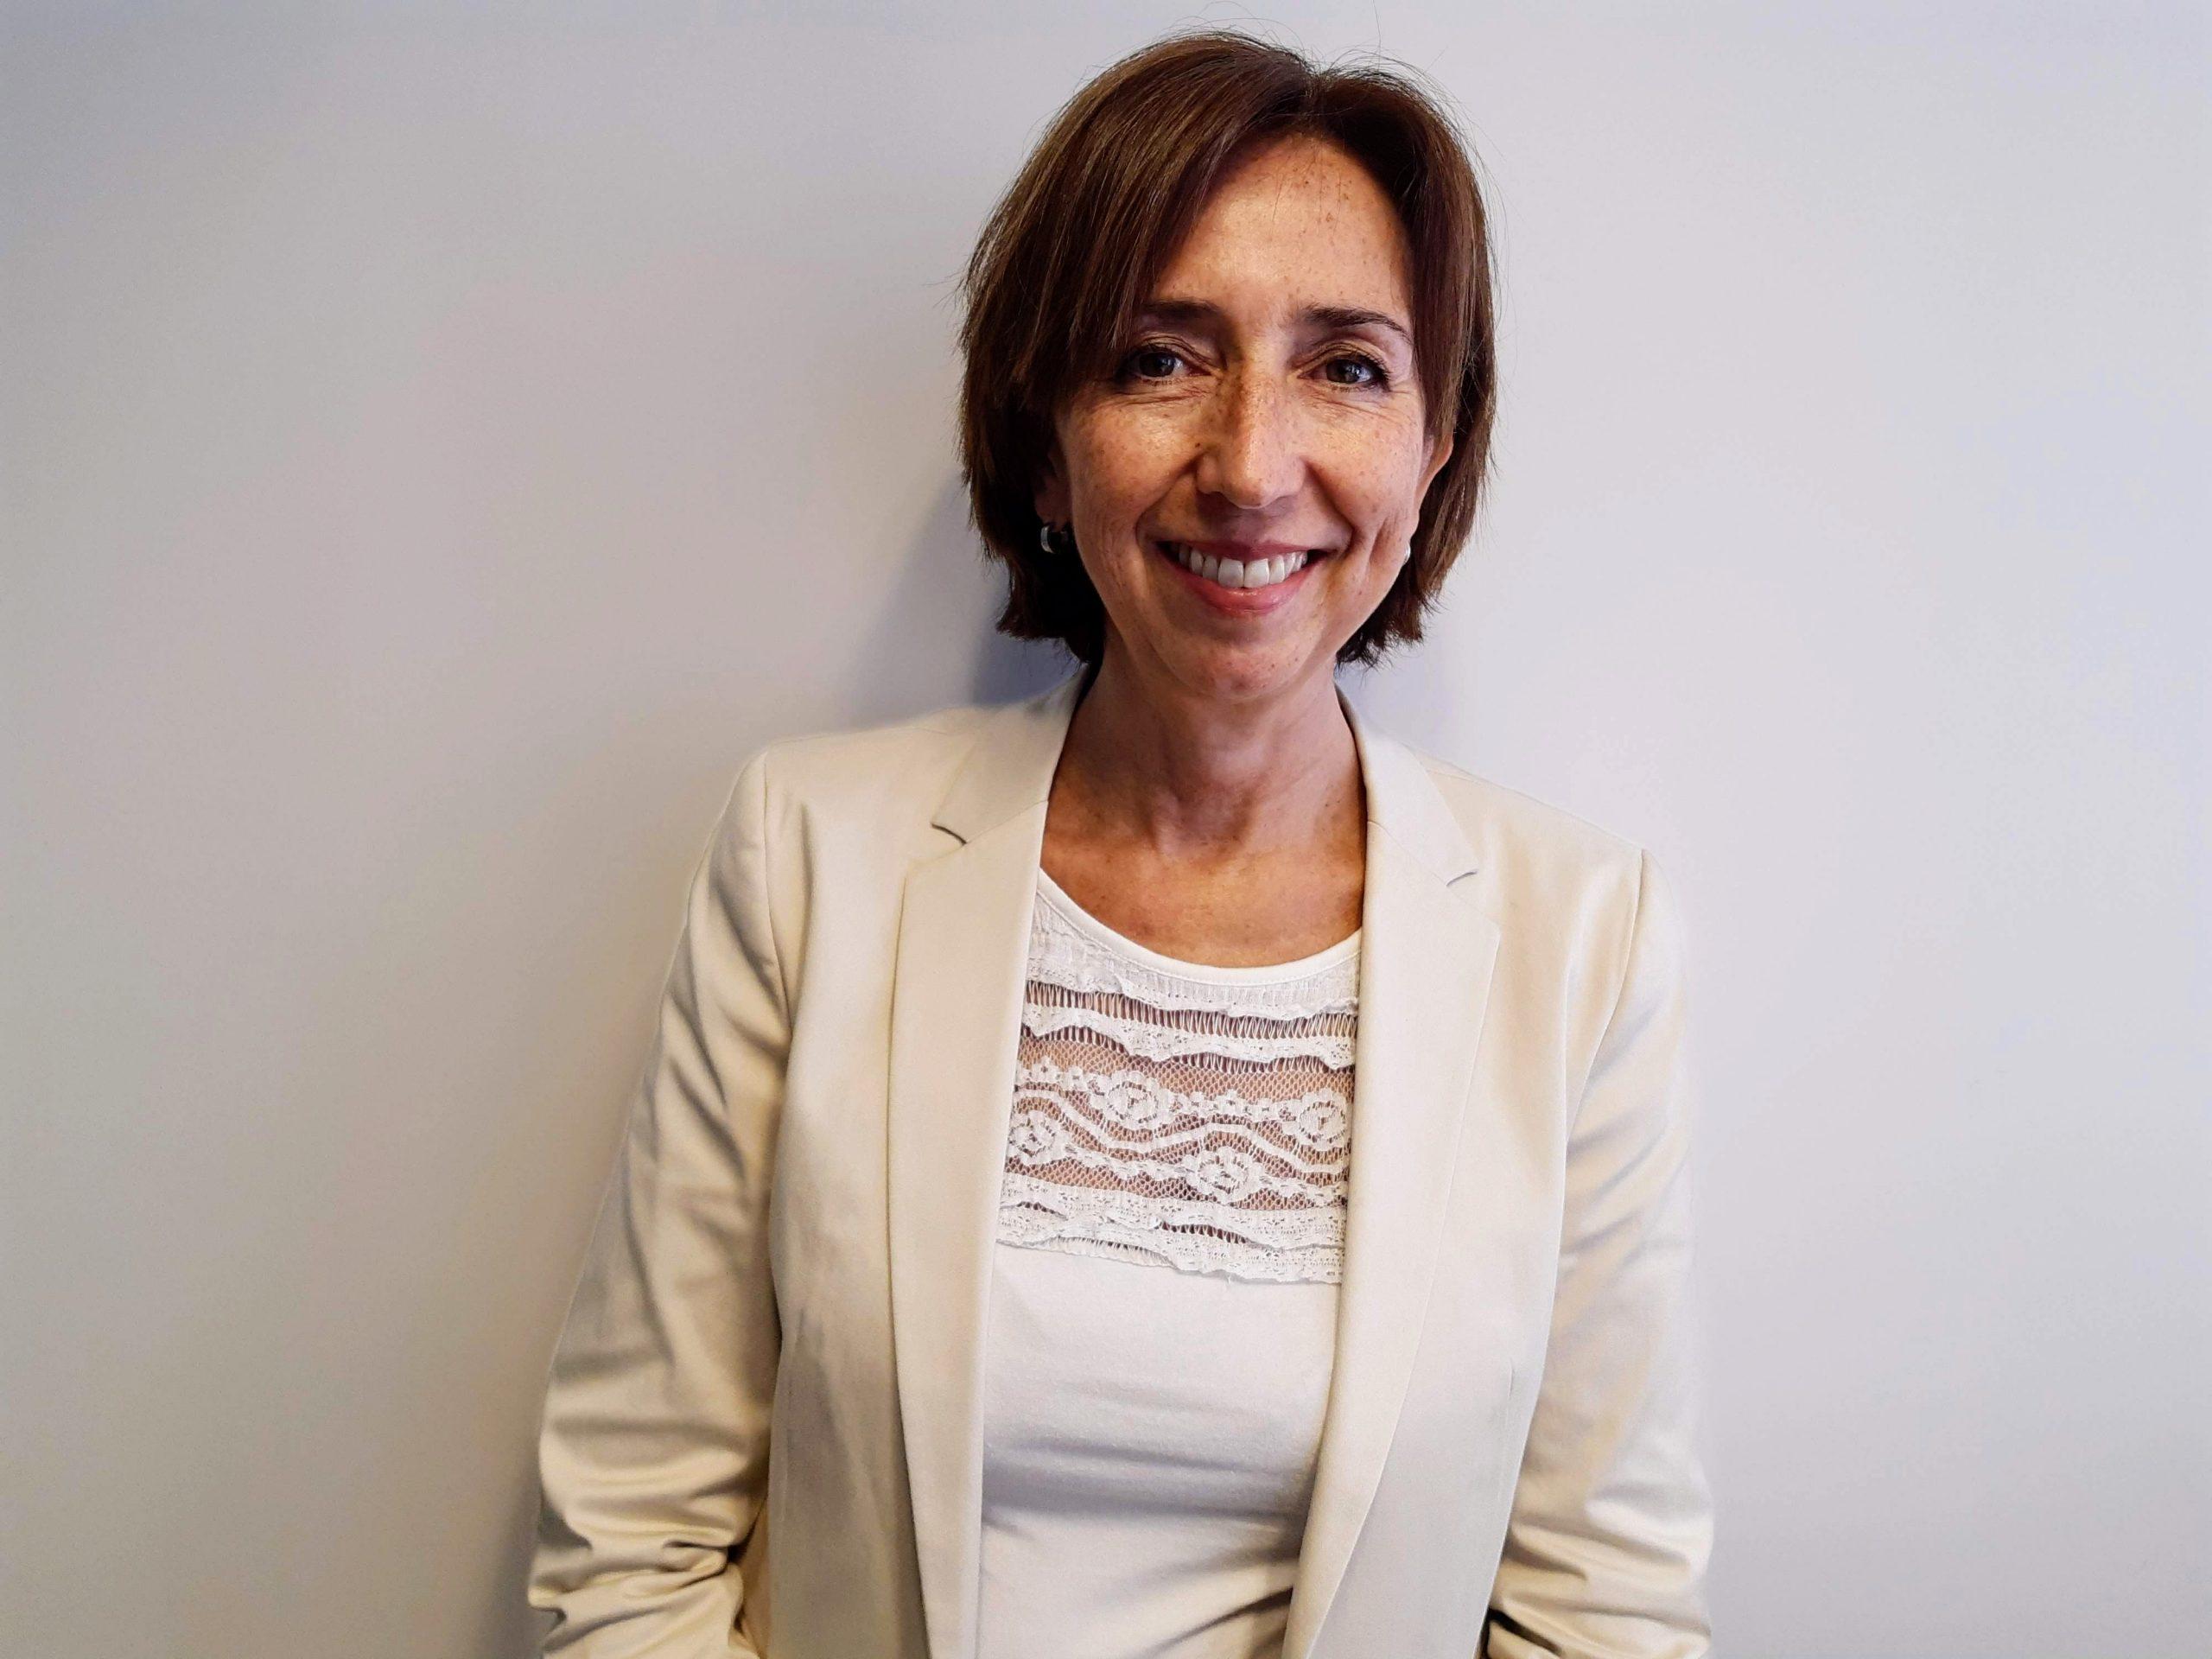 Hola! Soy Mariana Alfaro